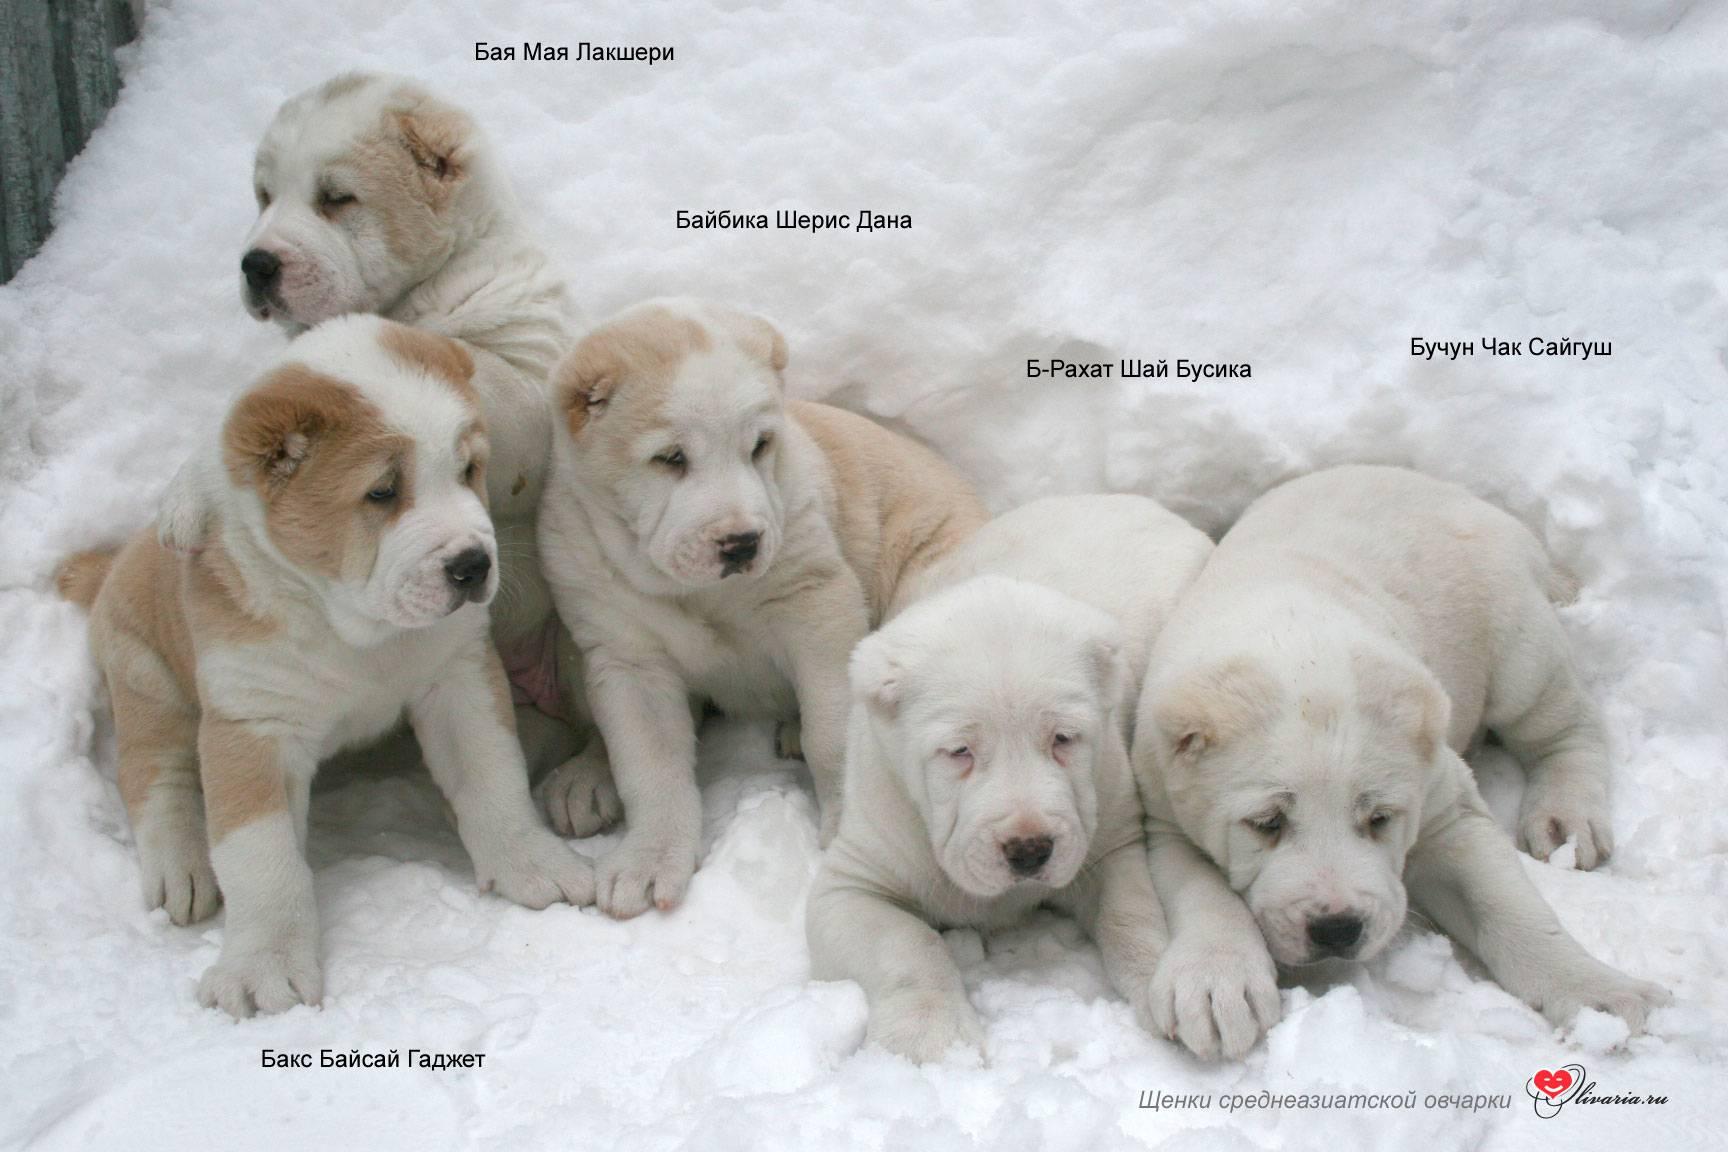 Как назвать алабая: список красивых имен для собак мальчиков и девочек.